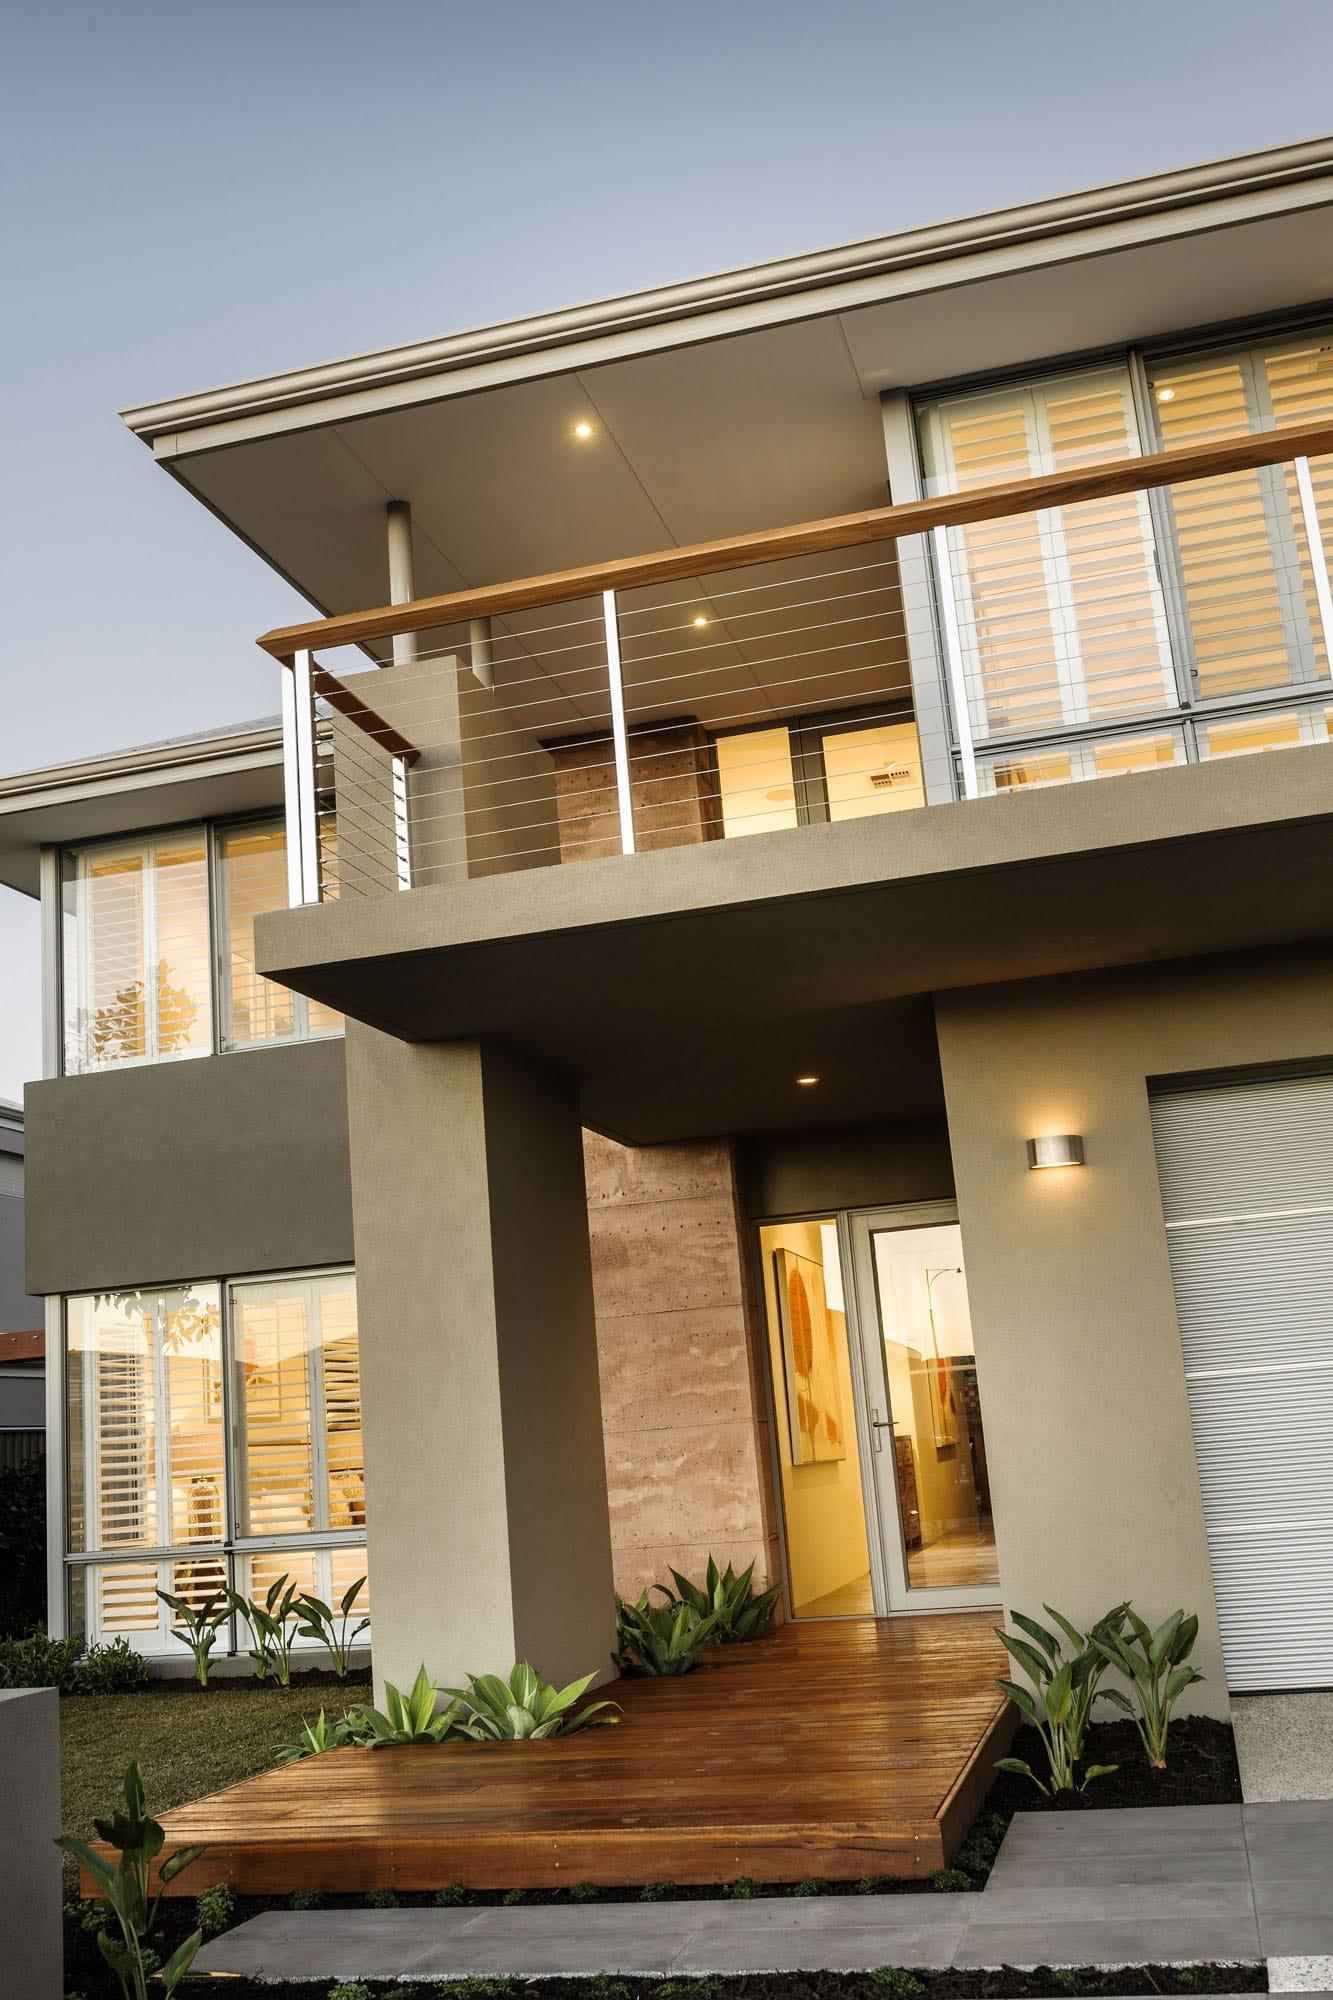 Dise o de casa moderna de dos pisos fachada e interiores Pisos para exteriores de casas modernas